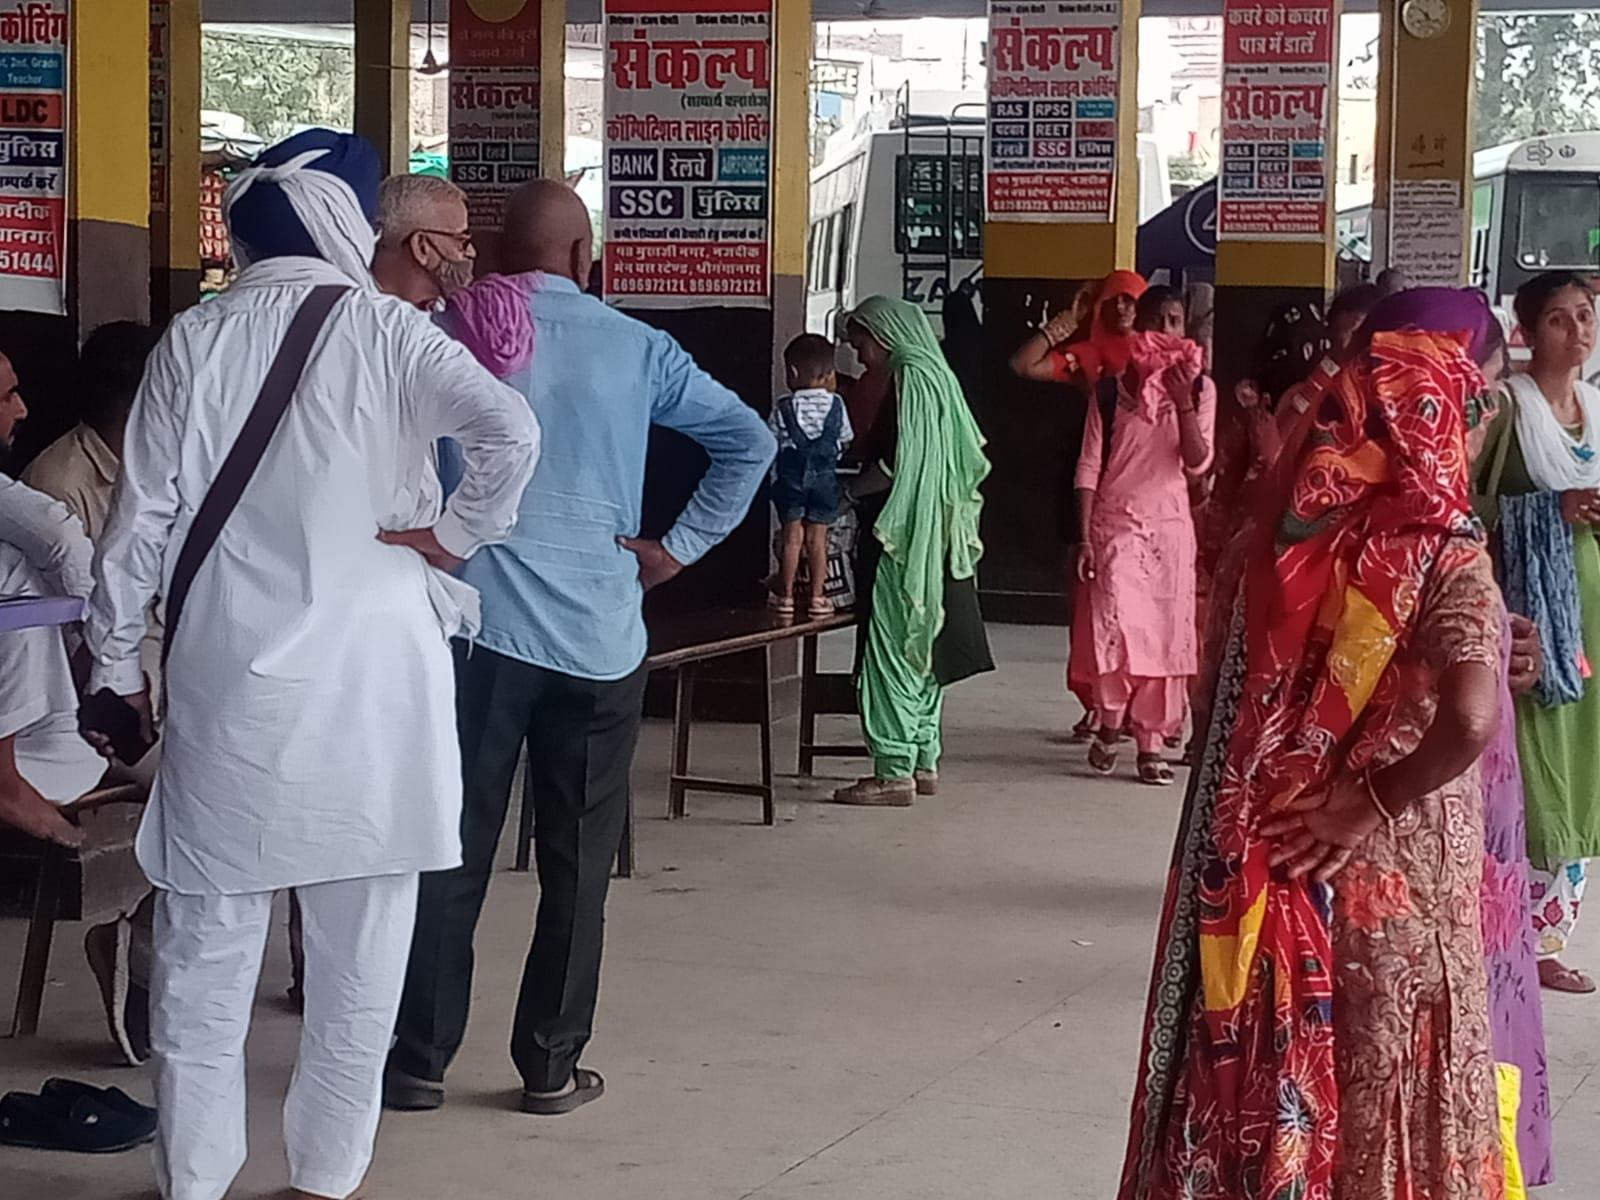 लोक परिवहन बसोंके पहिए थमे, रोडवेजपर बढ़ा भार, बस स्टैंड पर लगी यात्रियों की भीड़|श्रीगंंगानगर,Sriganganagar - Dainik Bhaskar